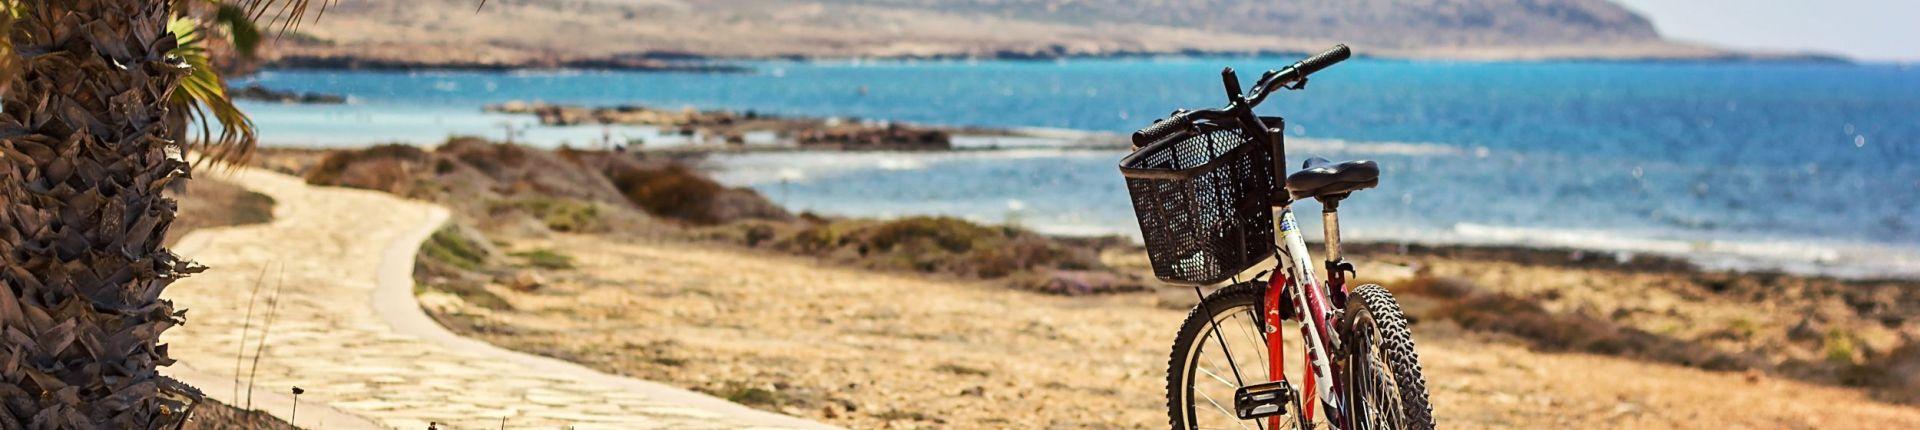 רכיבת אופניים בקפריסין